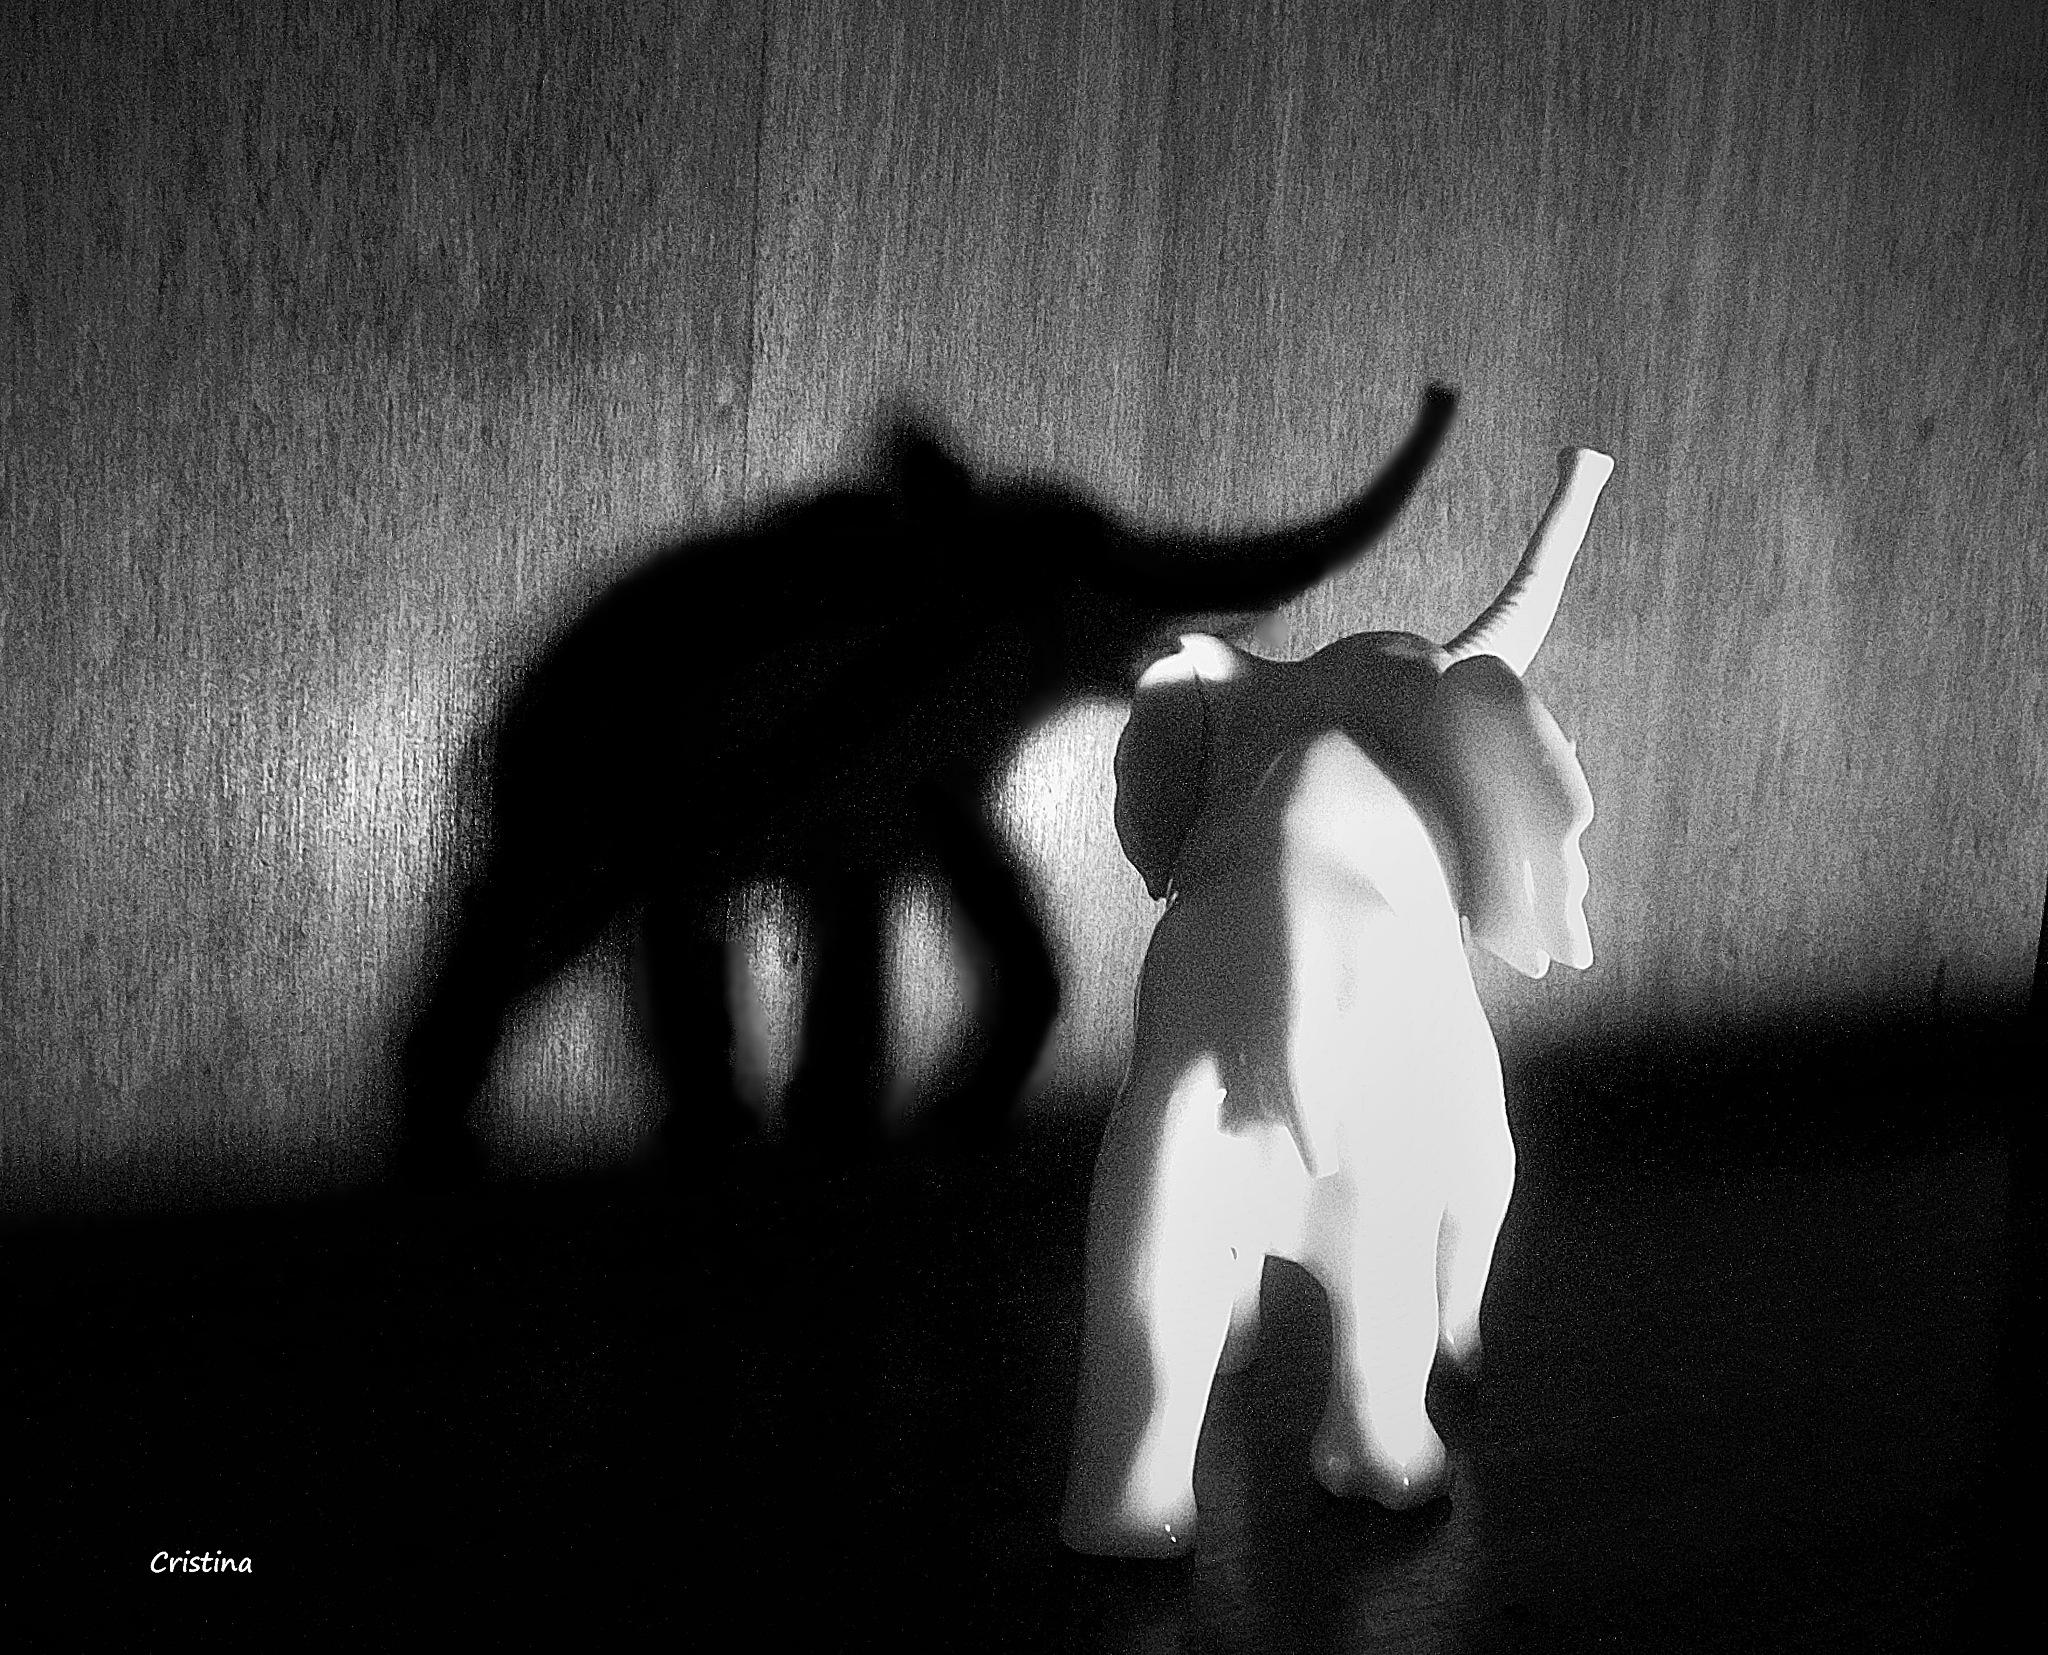 luz y sombra by Cristina Angélica